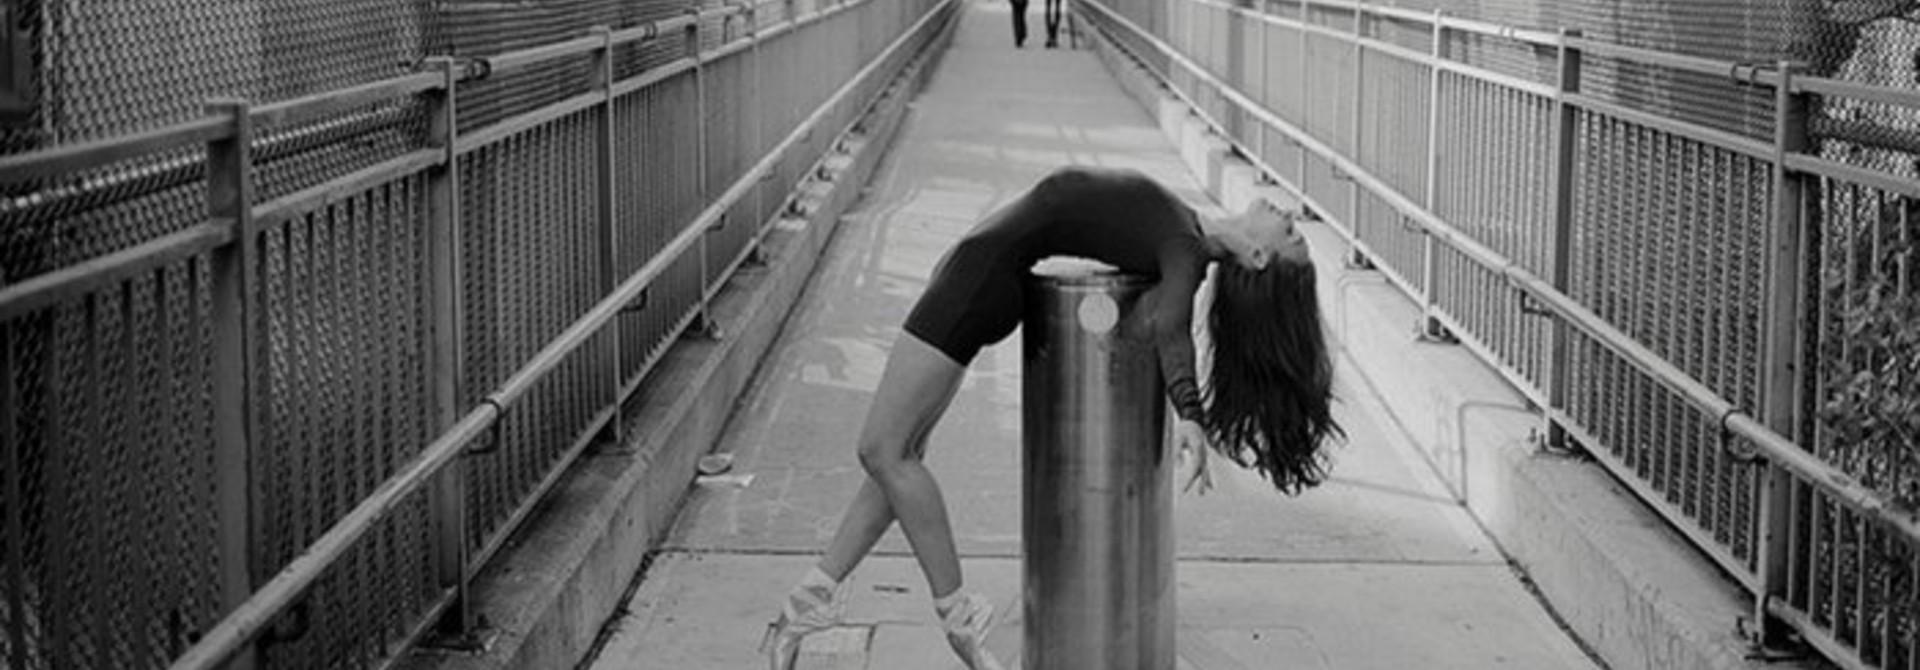 Dansers zien er zelden zo uit als op Instagram